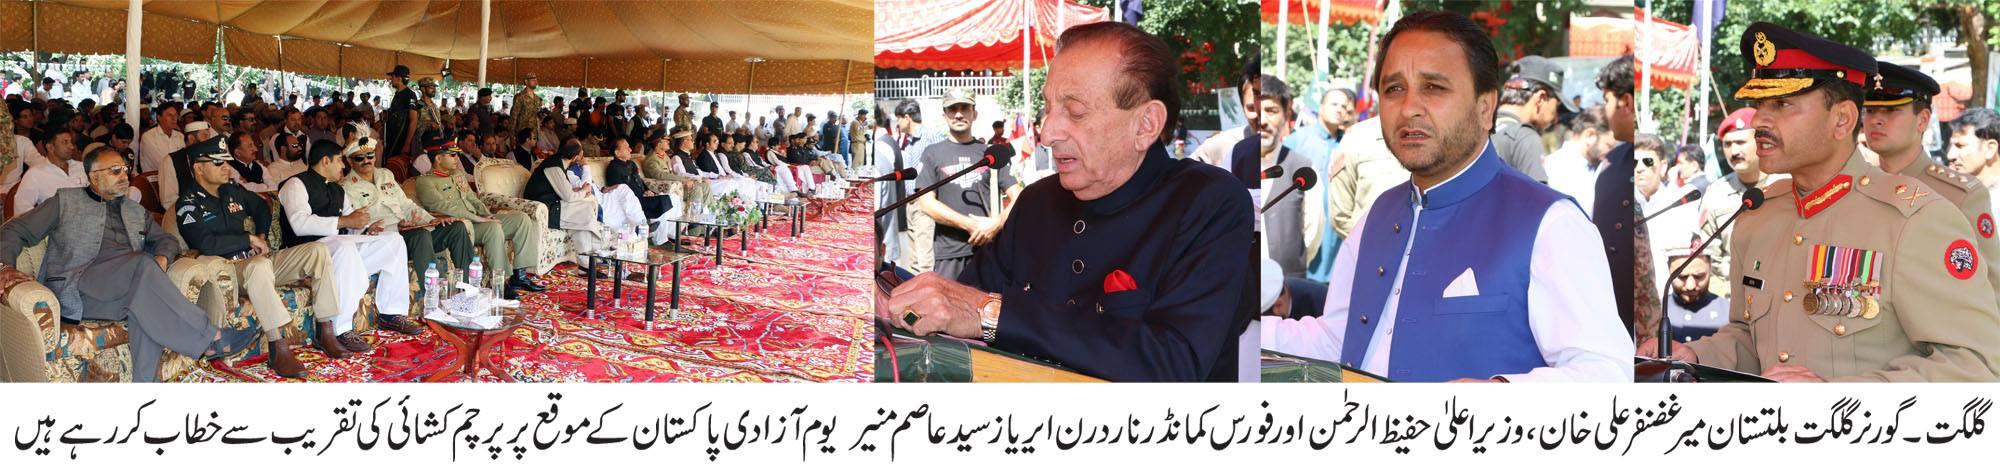 گلگت بلتستان بھر میں جشنِ آزادی پاکستان سرکاری اور عوامی سطح پر روایتی جوش و جذبے کے ساتھ منایا گیا